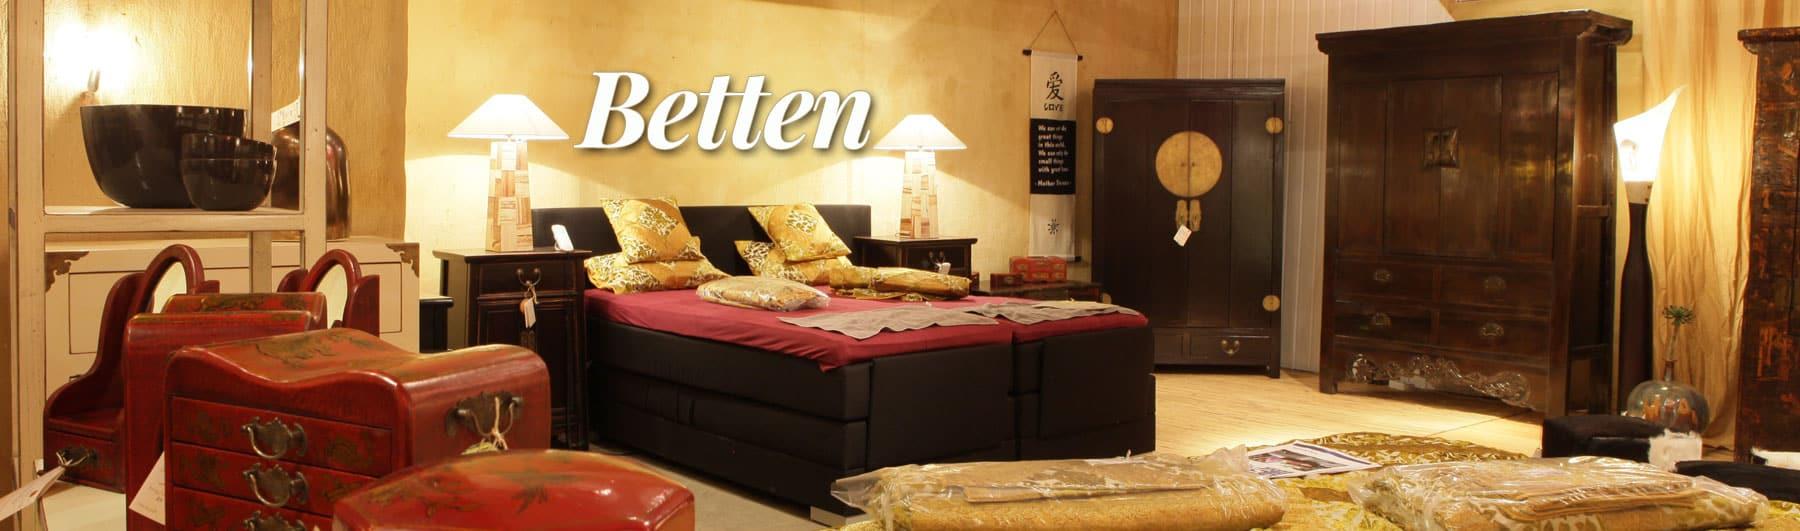 Full Size of Betten Sam Nok Jabo Treca Bonprix Günstig Kaufen 180x200 Bei Ikea Schöne Für übergewichtige Amazon Günstige 140x200 200x220 Boxspring Somnus Schlafzimmer Bett Balinesische Betten